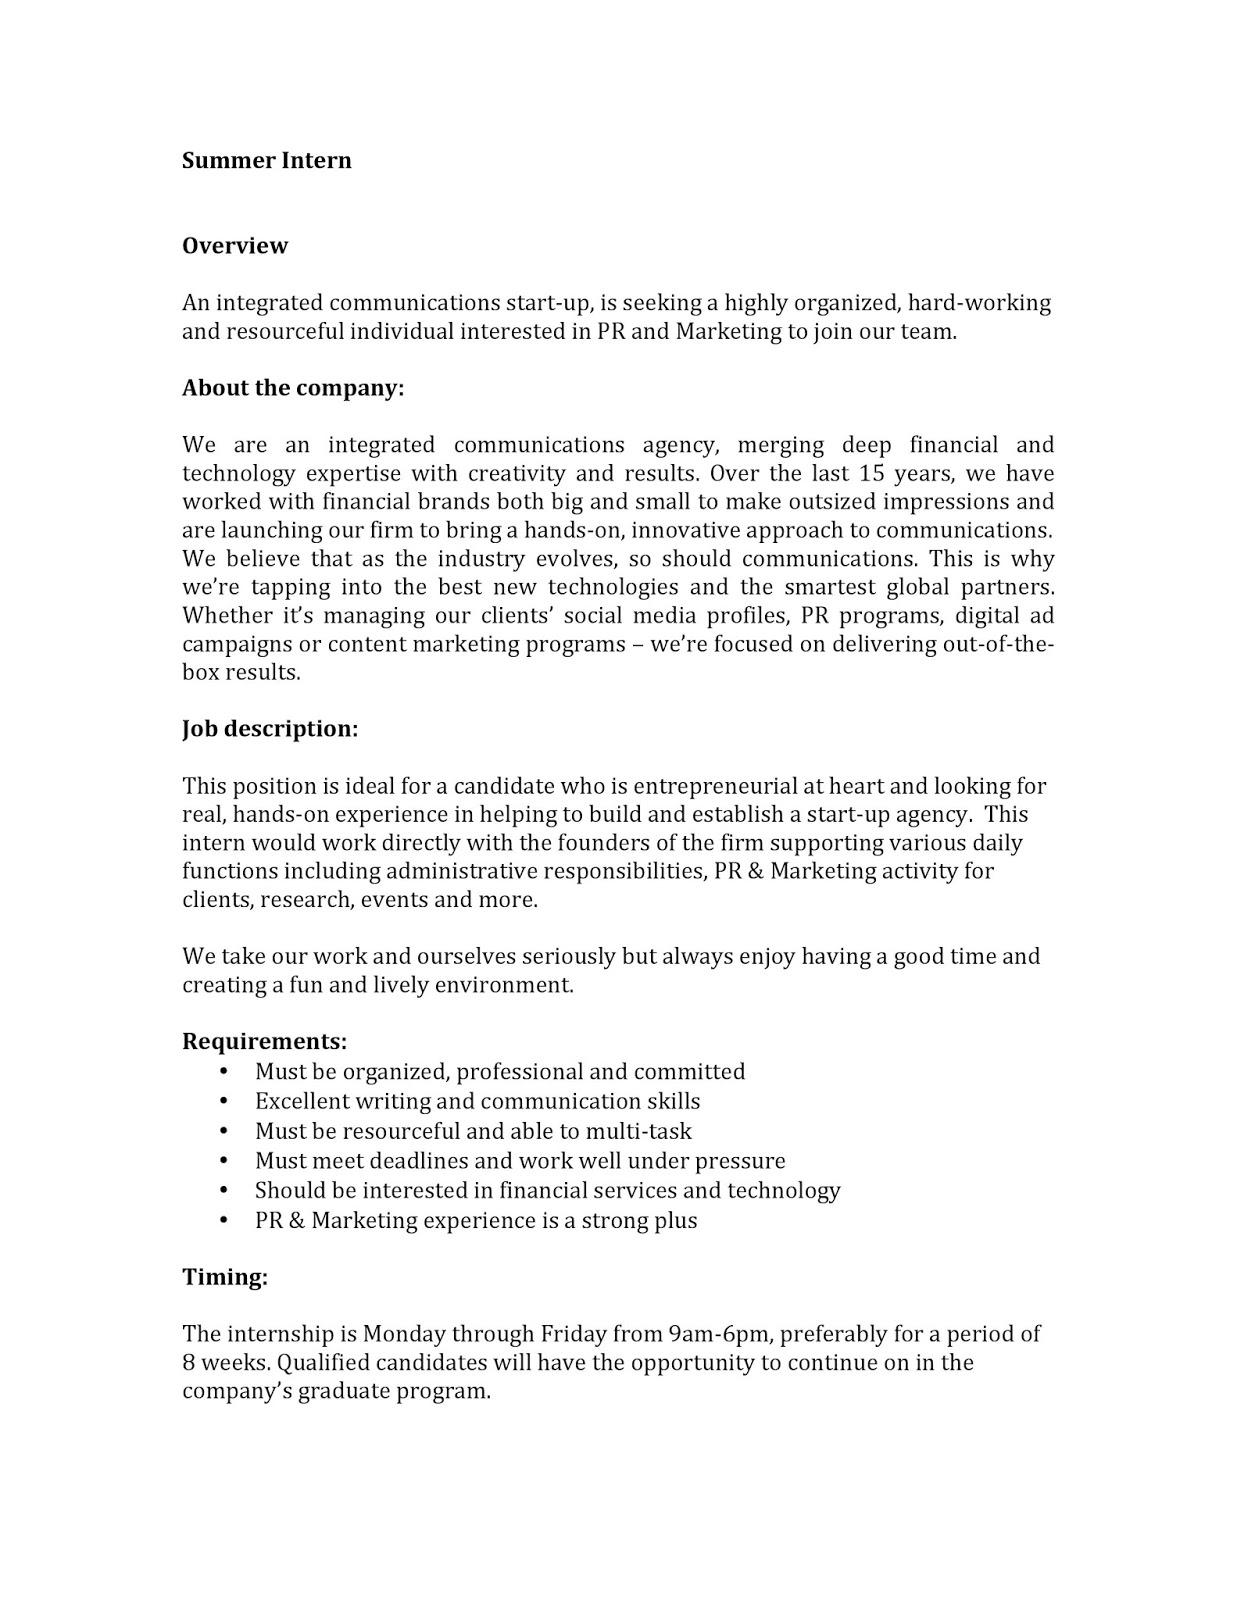 Vested - Summer Internship